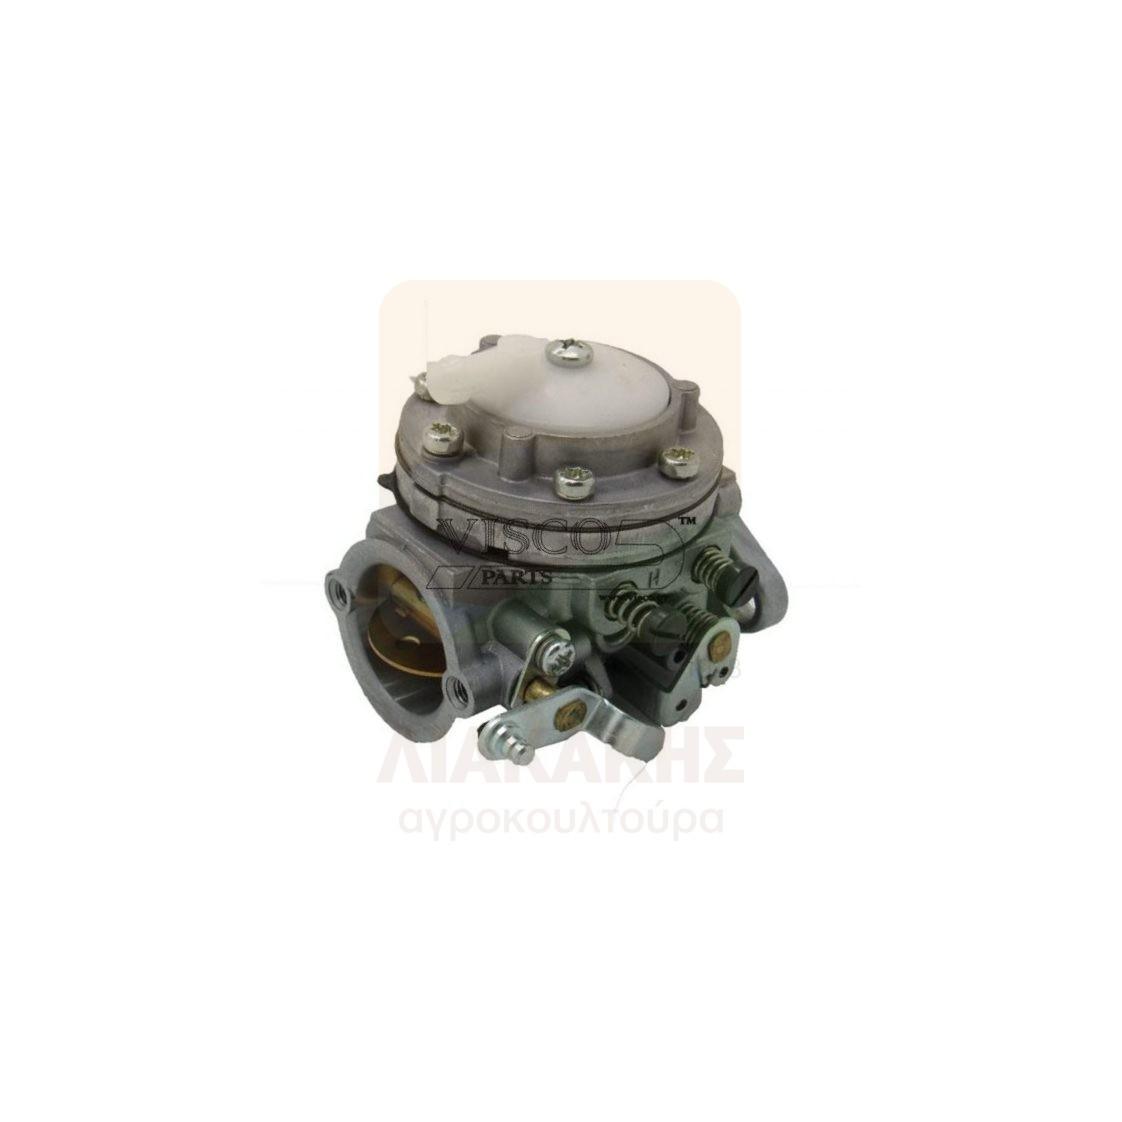 ΚΑΡ-125 Καρμπυρατέρ STIHL 070 (T)